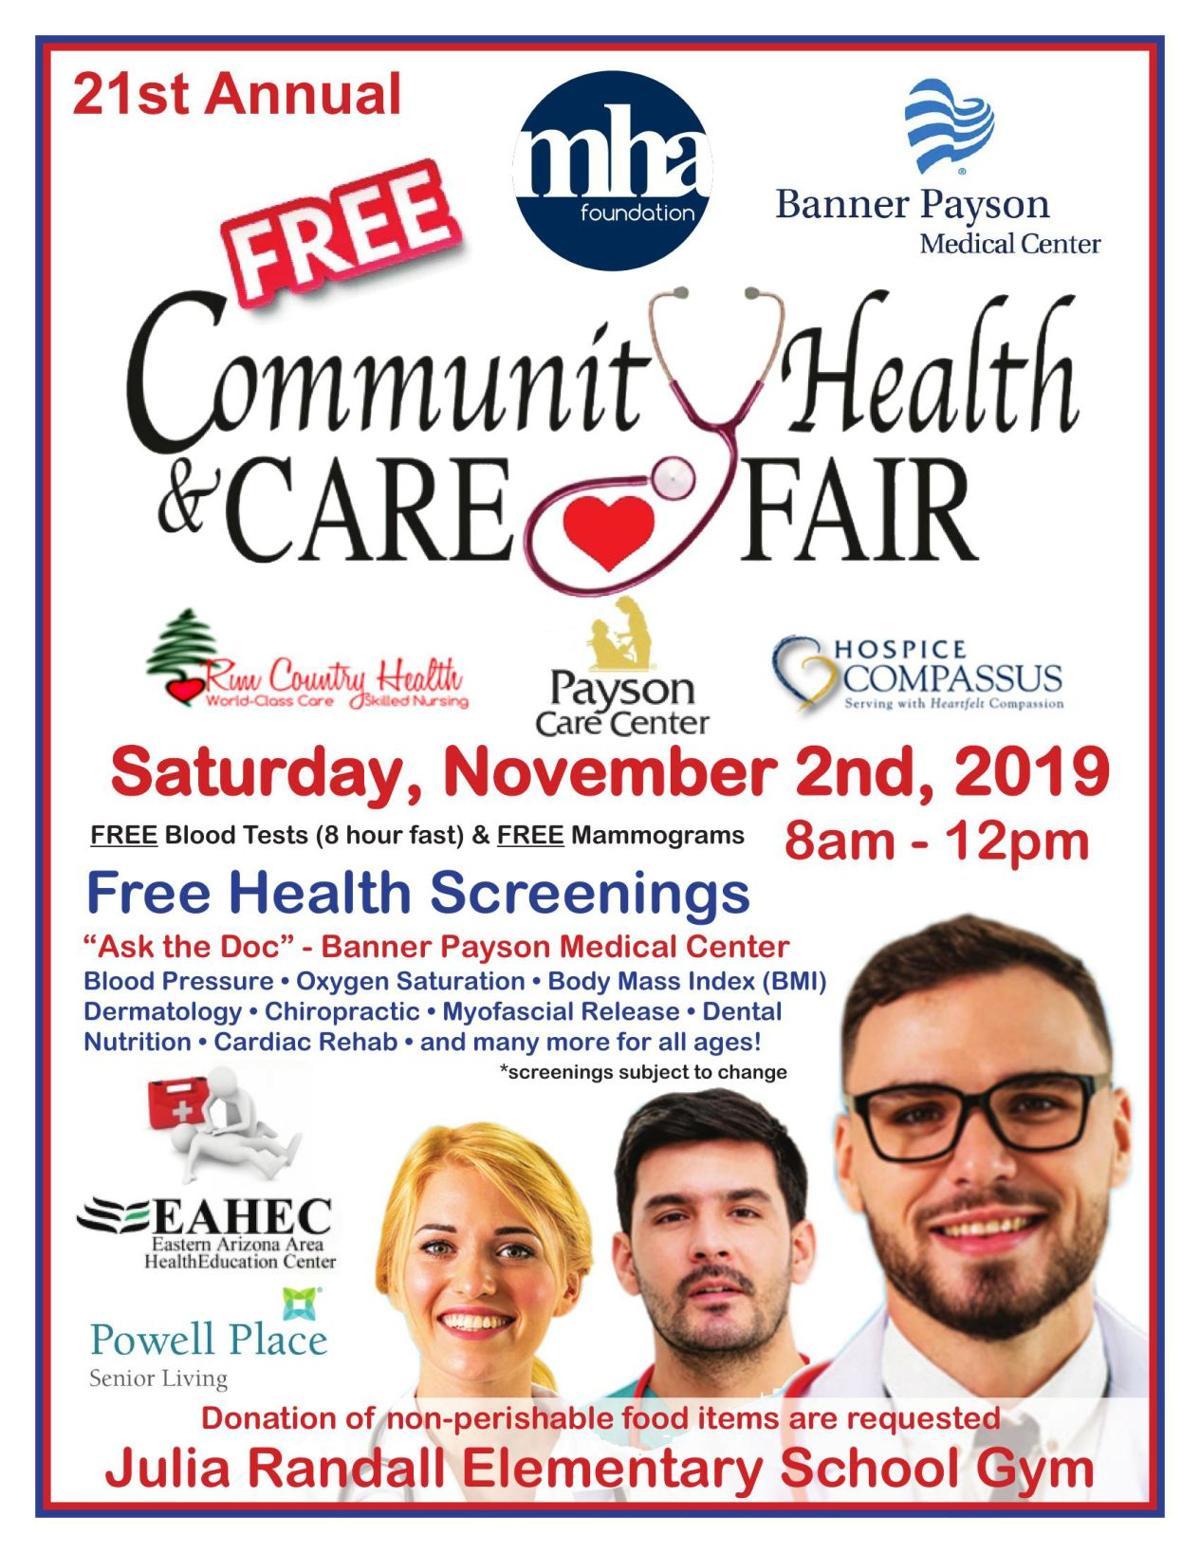 Community Health & Care Fair